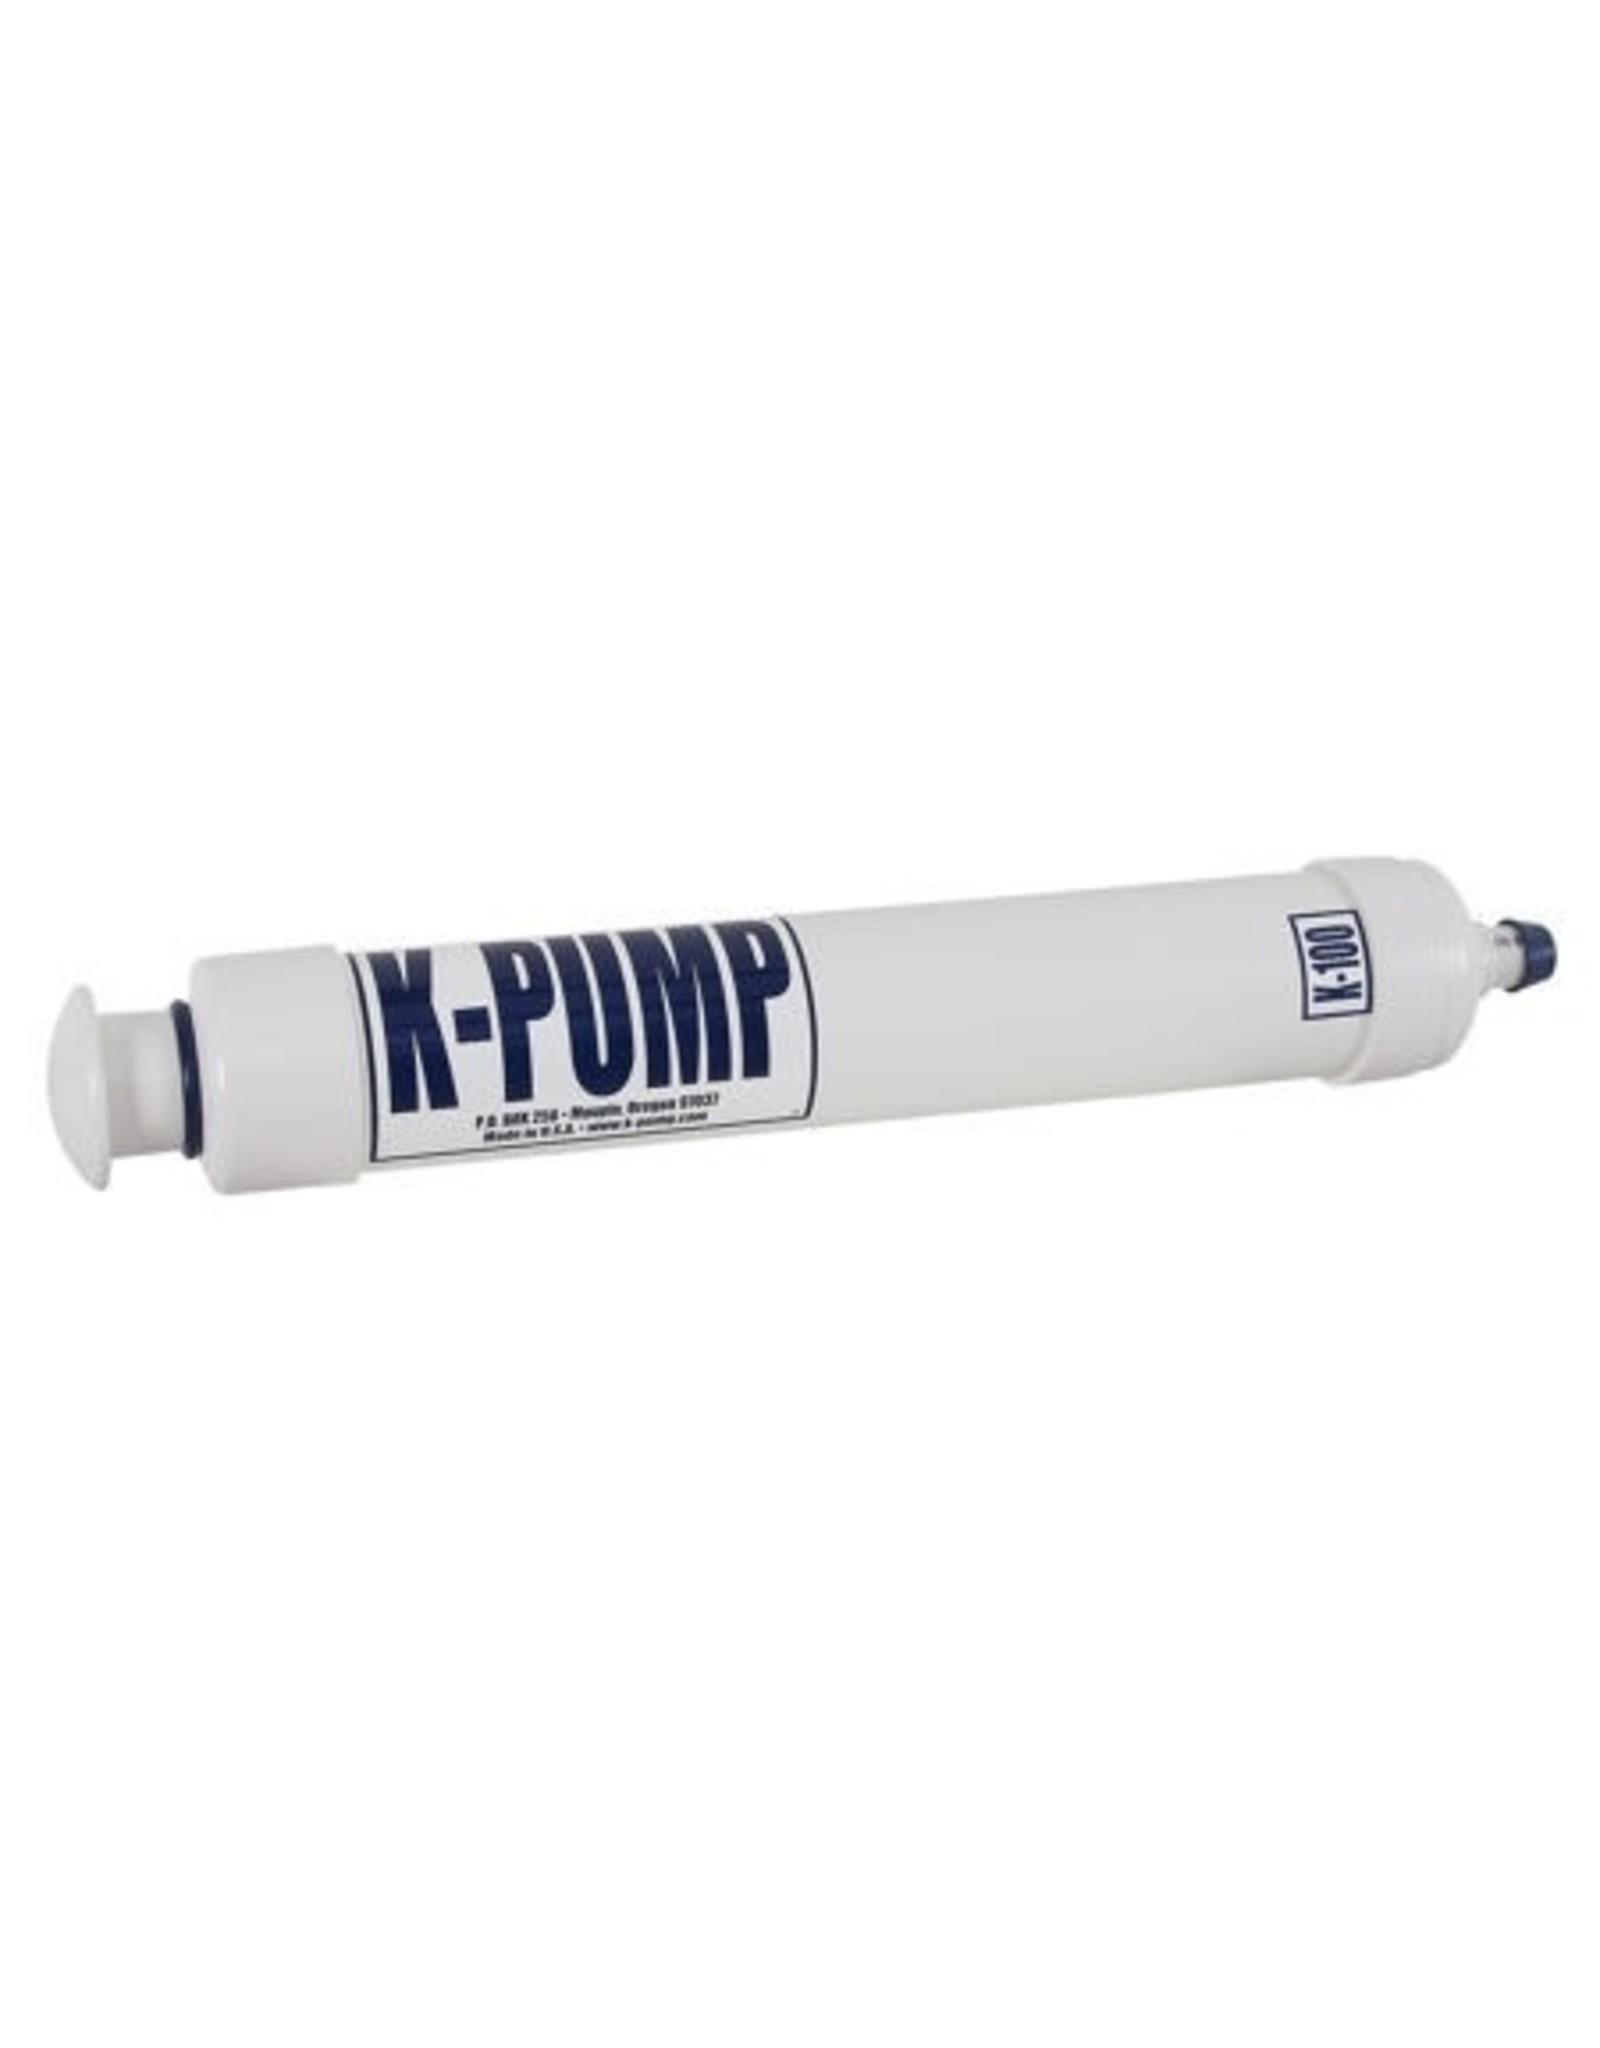 NRS K-Pump 200 Standard Pump